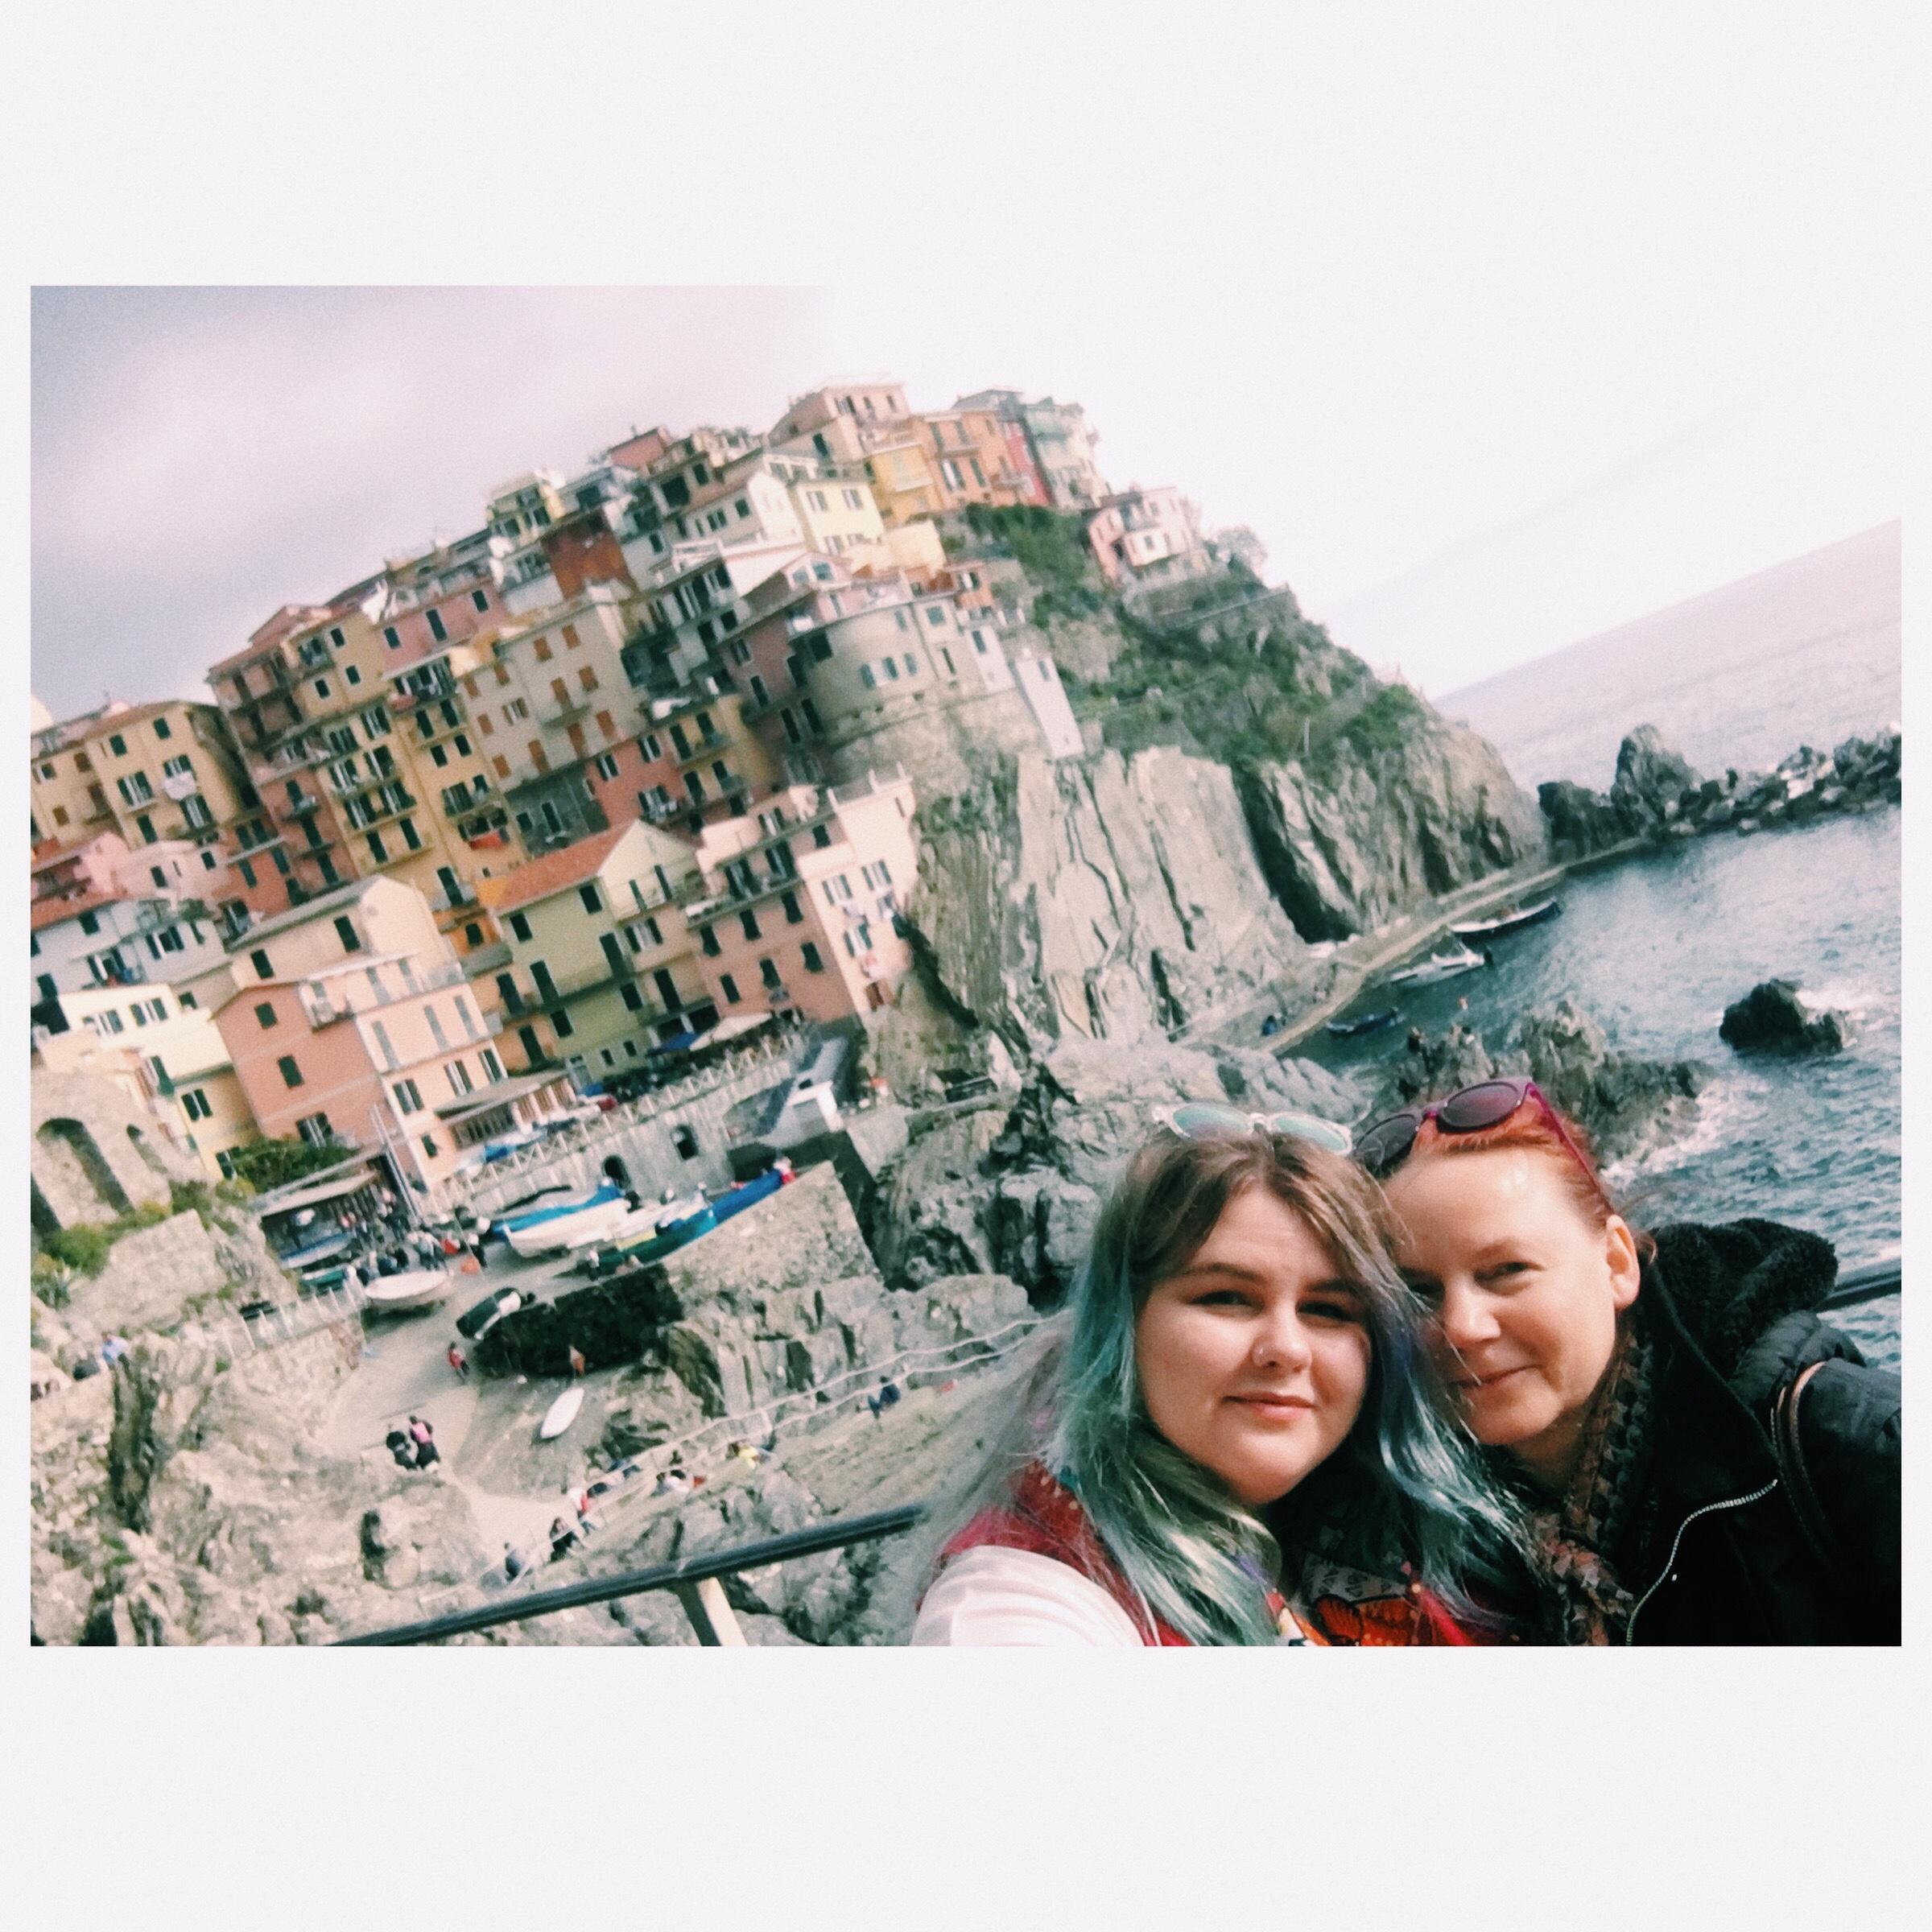 Kelionė į Cinque Terre: Italijos miestelių svaigulys Rivjeroje.